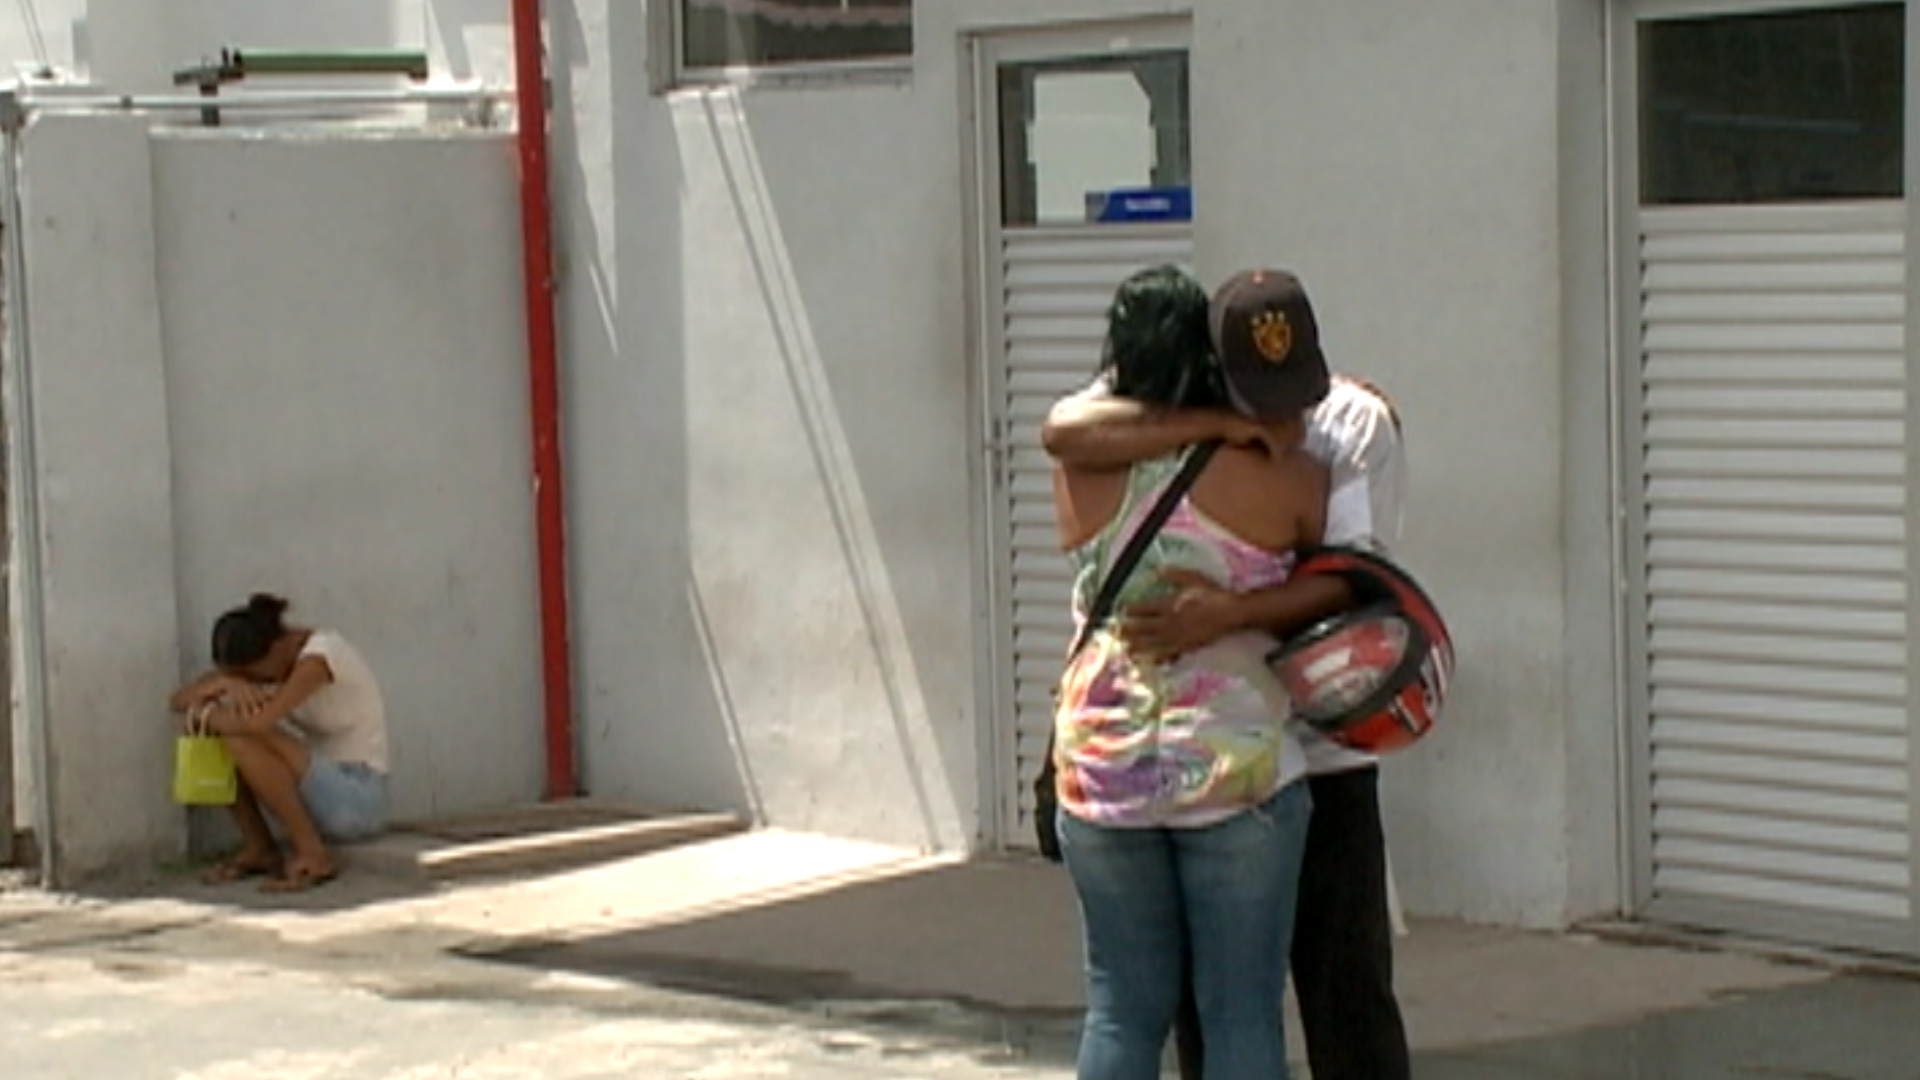 Parentes da vítima estão revoltados. Foto: TV Clube/Reprodução